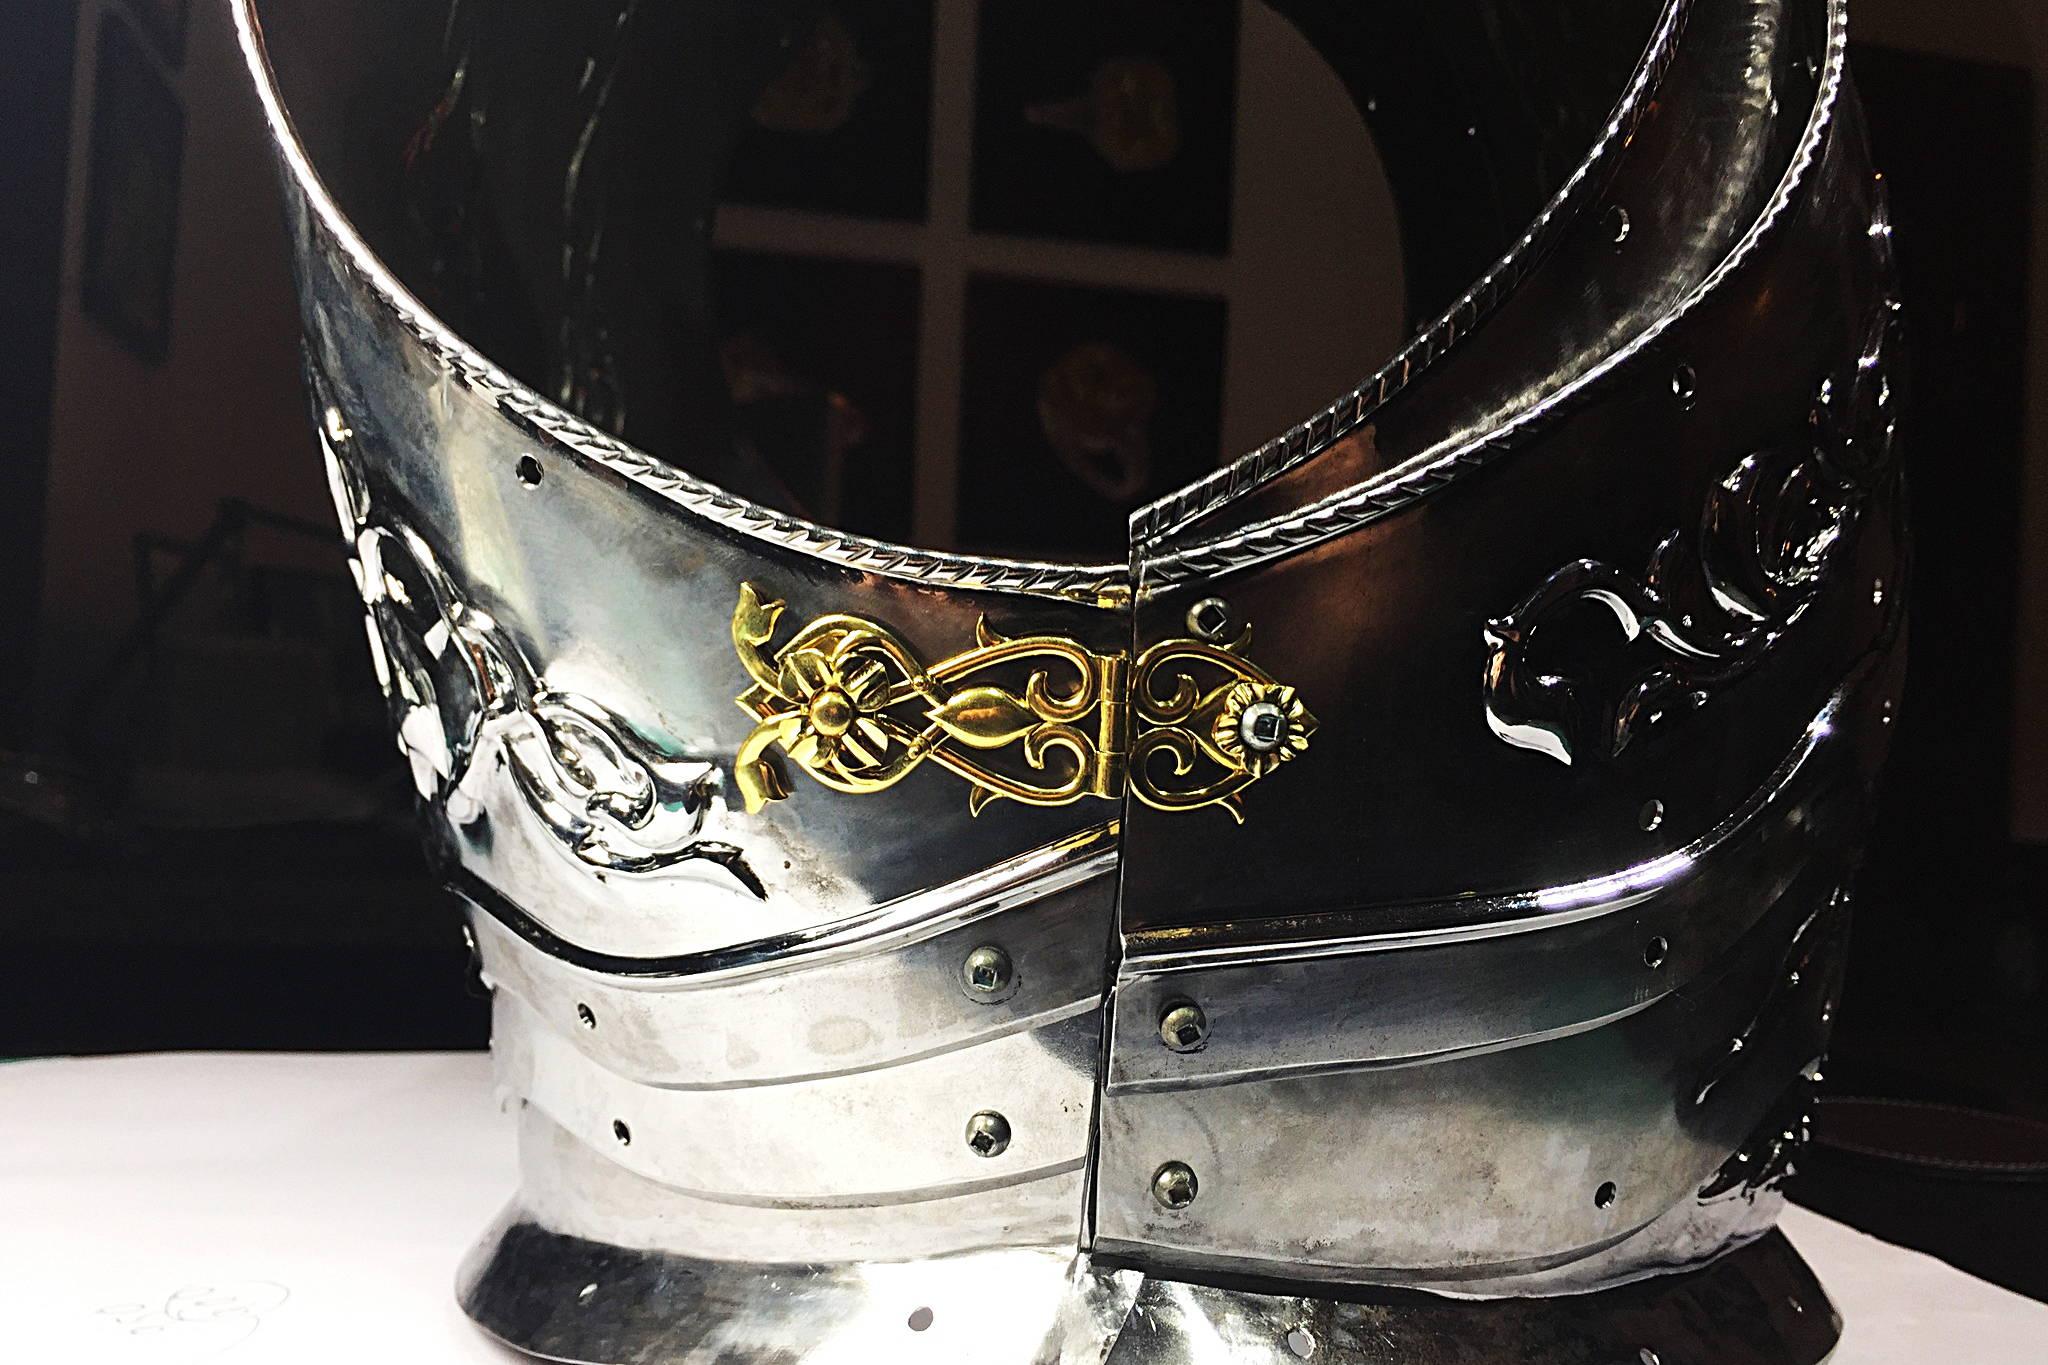 The Conquistador Armor back view